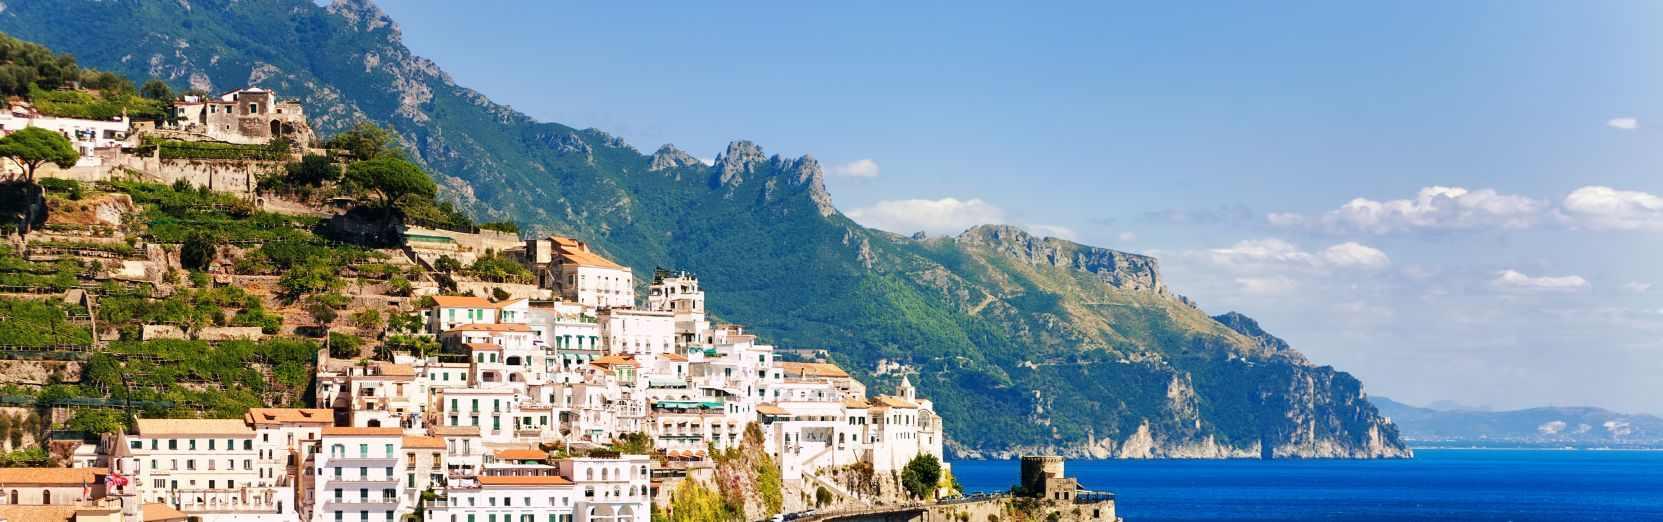 Mietwagen Italien ohne Kredtkarte